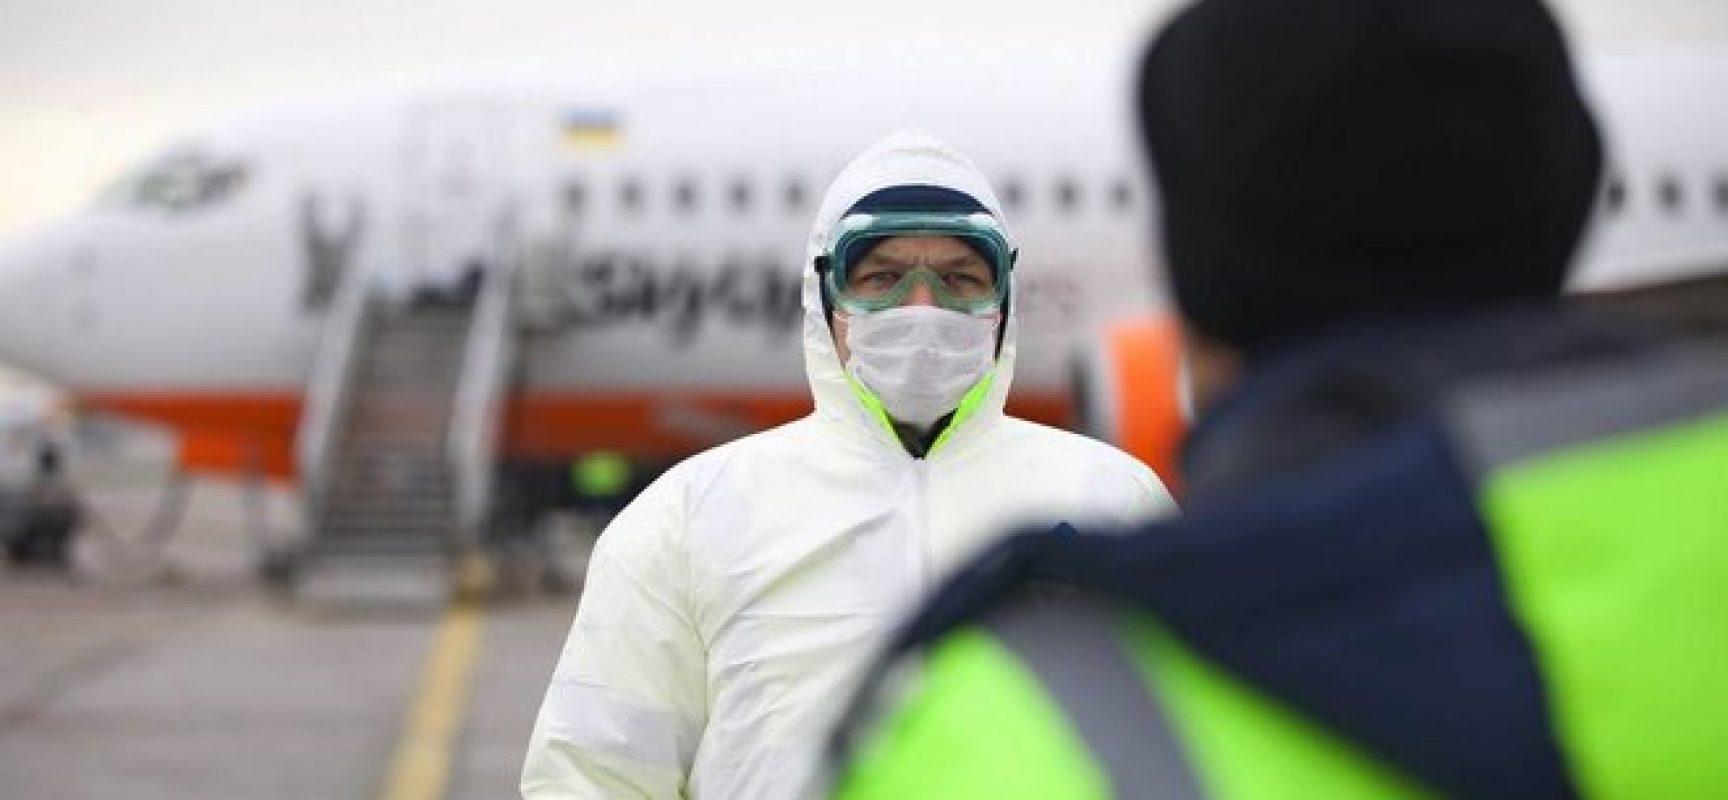 Lettere false sul rilevamento del coronavirus in Ucraina inviate dal Ministero della Salute